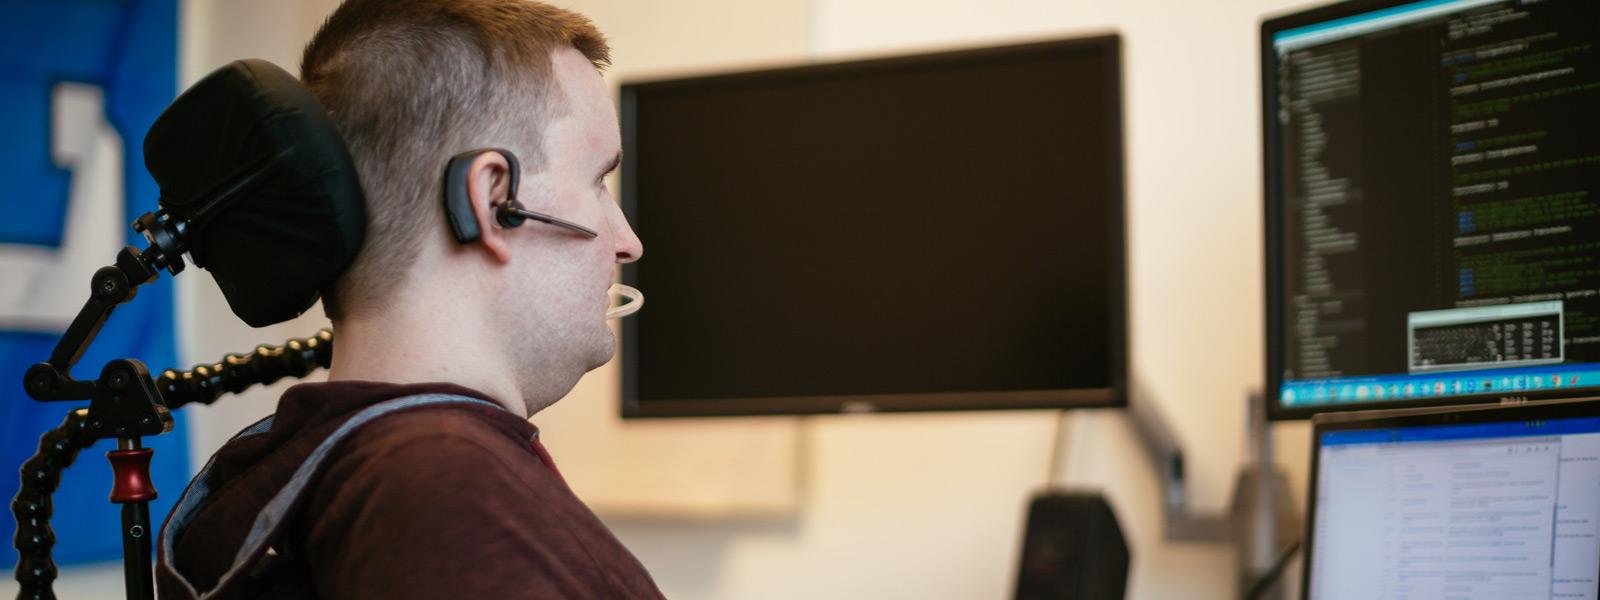 Mand ved et skrivebord, der bruger hjælpeteknologi til at betjene en Windows 10-computer med øjestyring